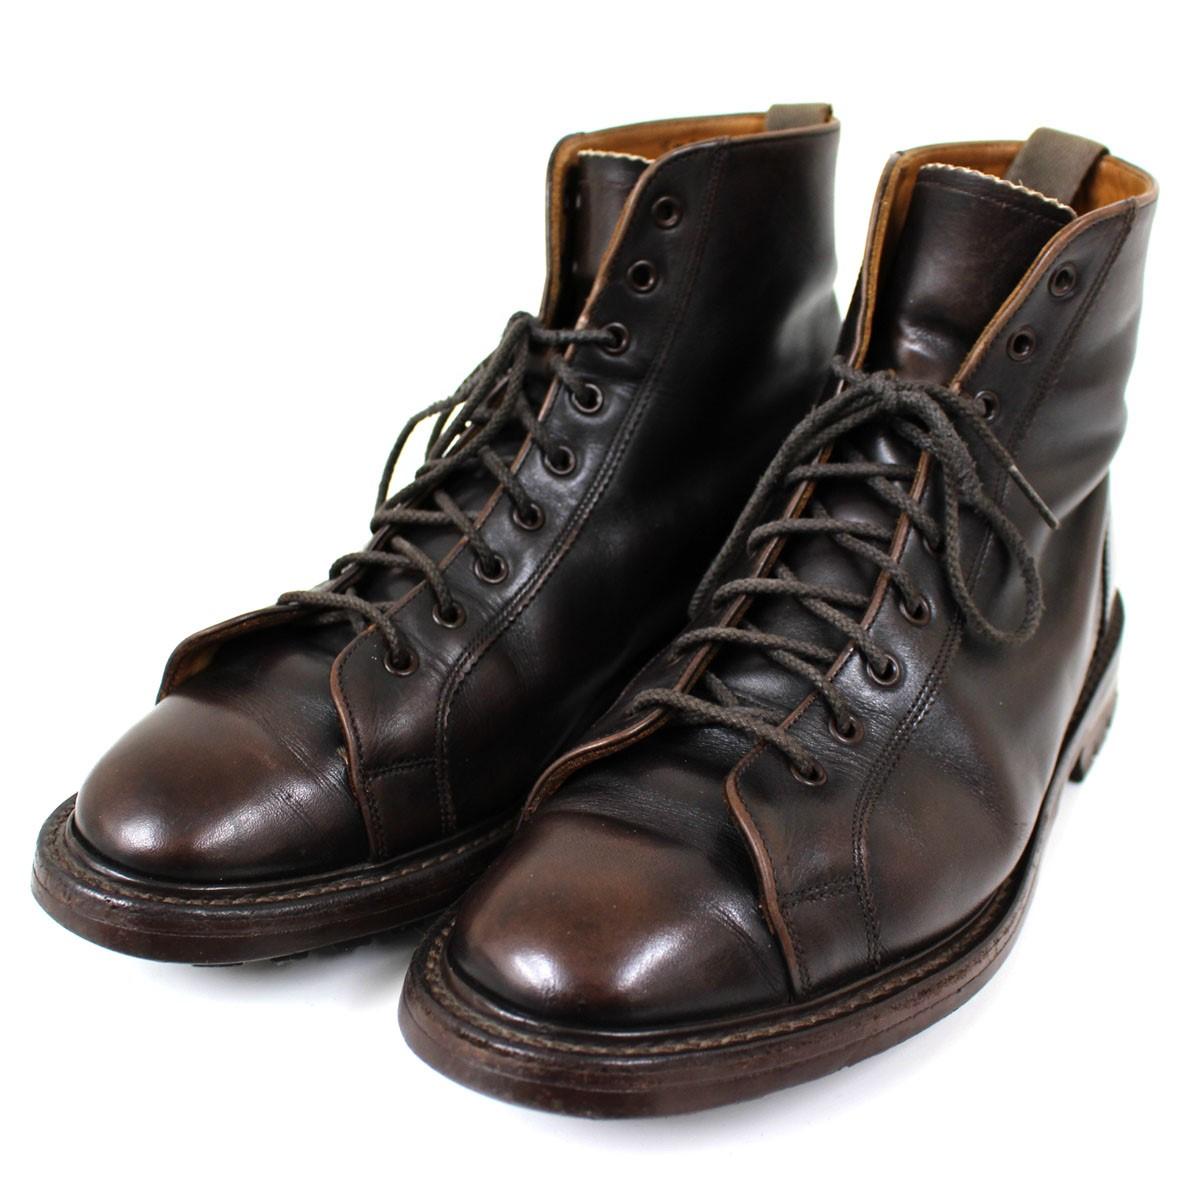 【中古】TRICKER'S モンキー ブーツ M6057 9ホール ブラウン サイズ:9 【送料無料】 【030419】(トリッカーズ)